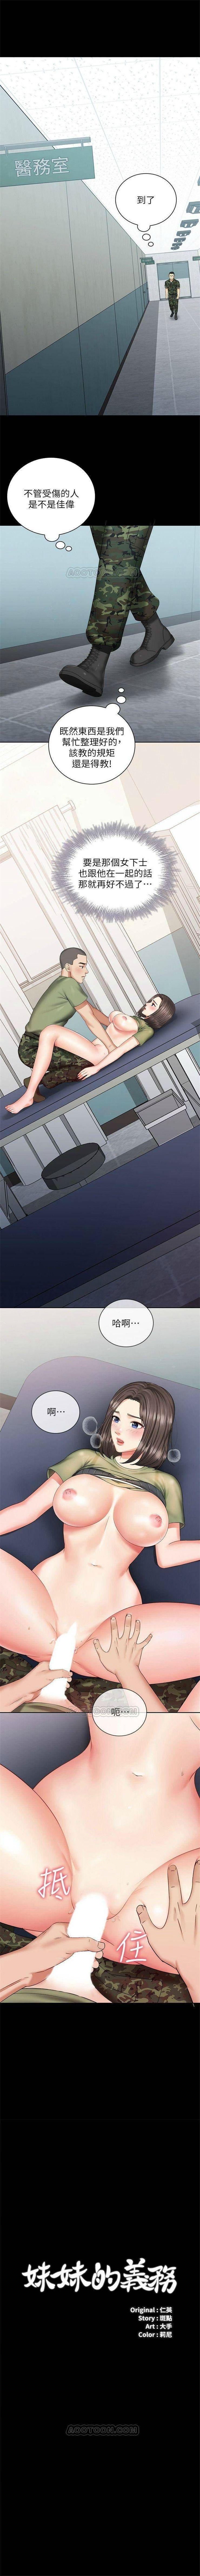 妹妹的義務 1-37 官方中文(連載中) 119